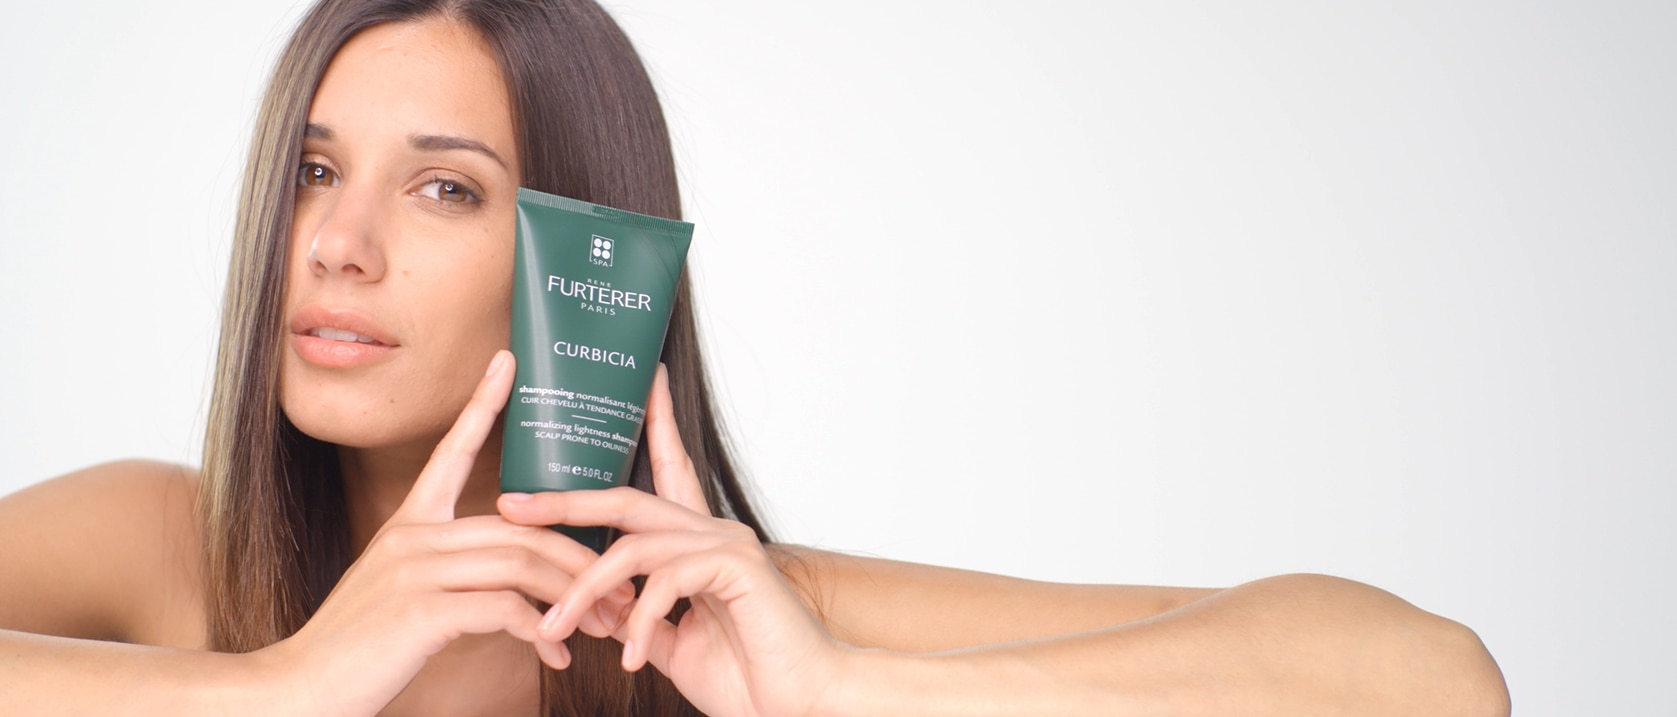 Jak nanášet CURBICIA šampon navracející vlasům lehkost | René Furterer